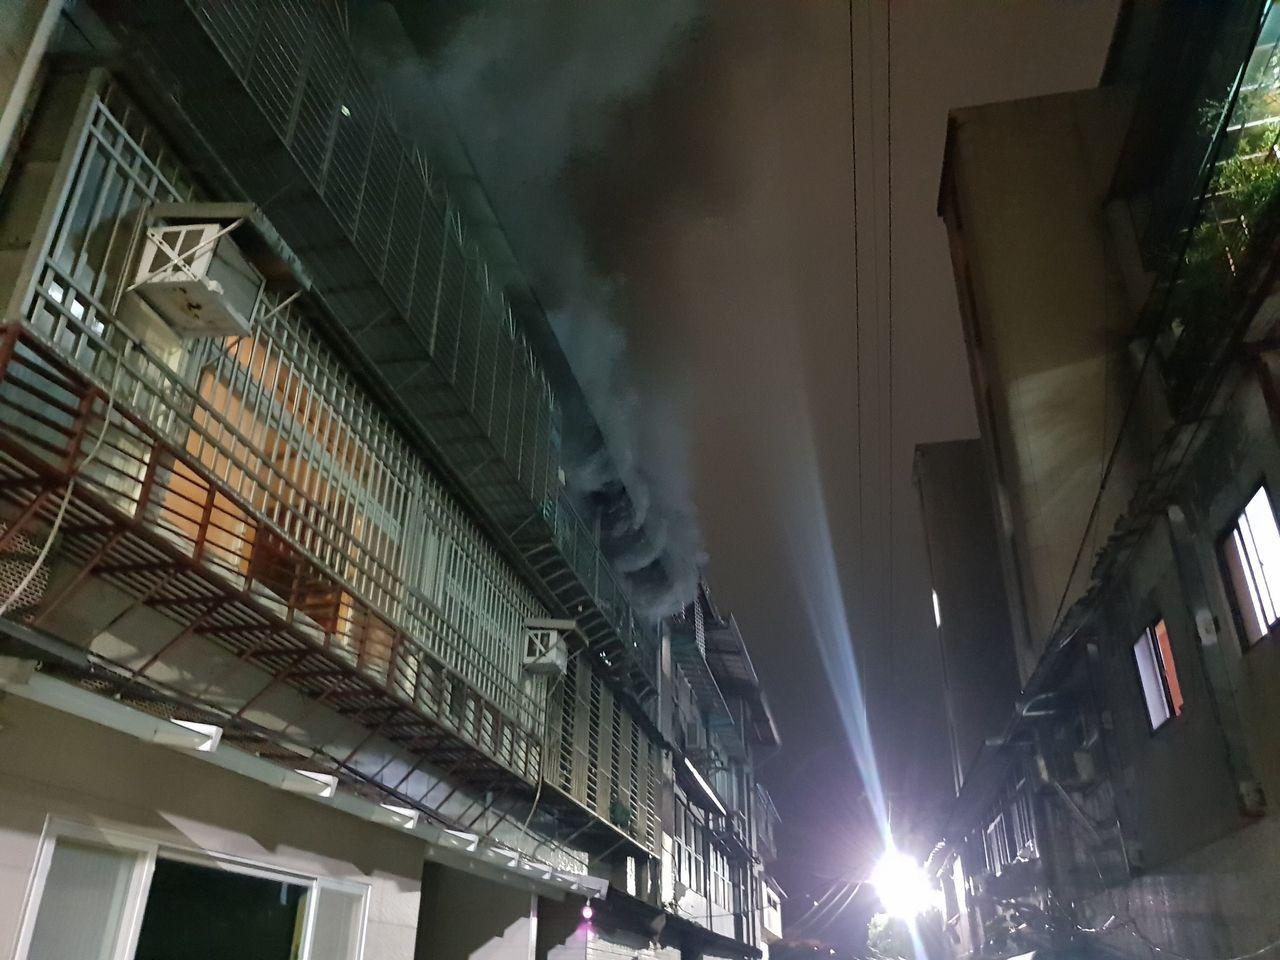 基隆市復興路230巷一棟公寓3樓,今天晚間7點多發生火警。記者游明煌/翻攝